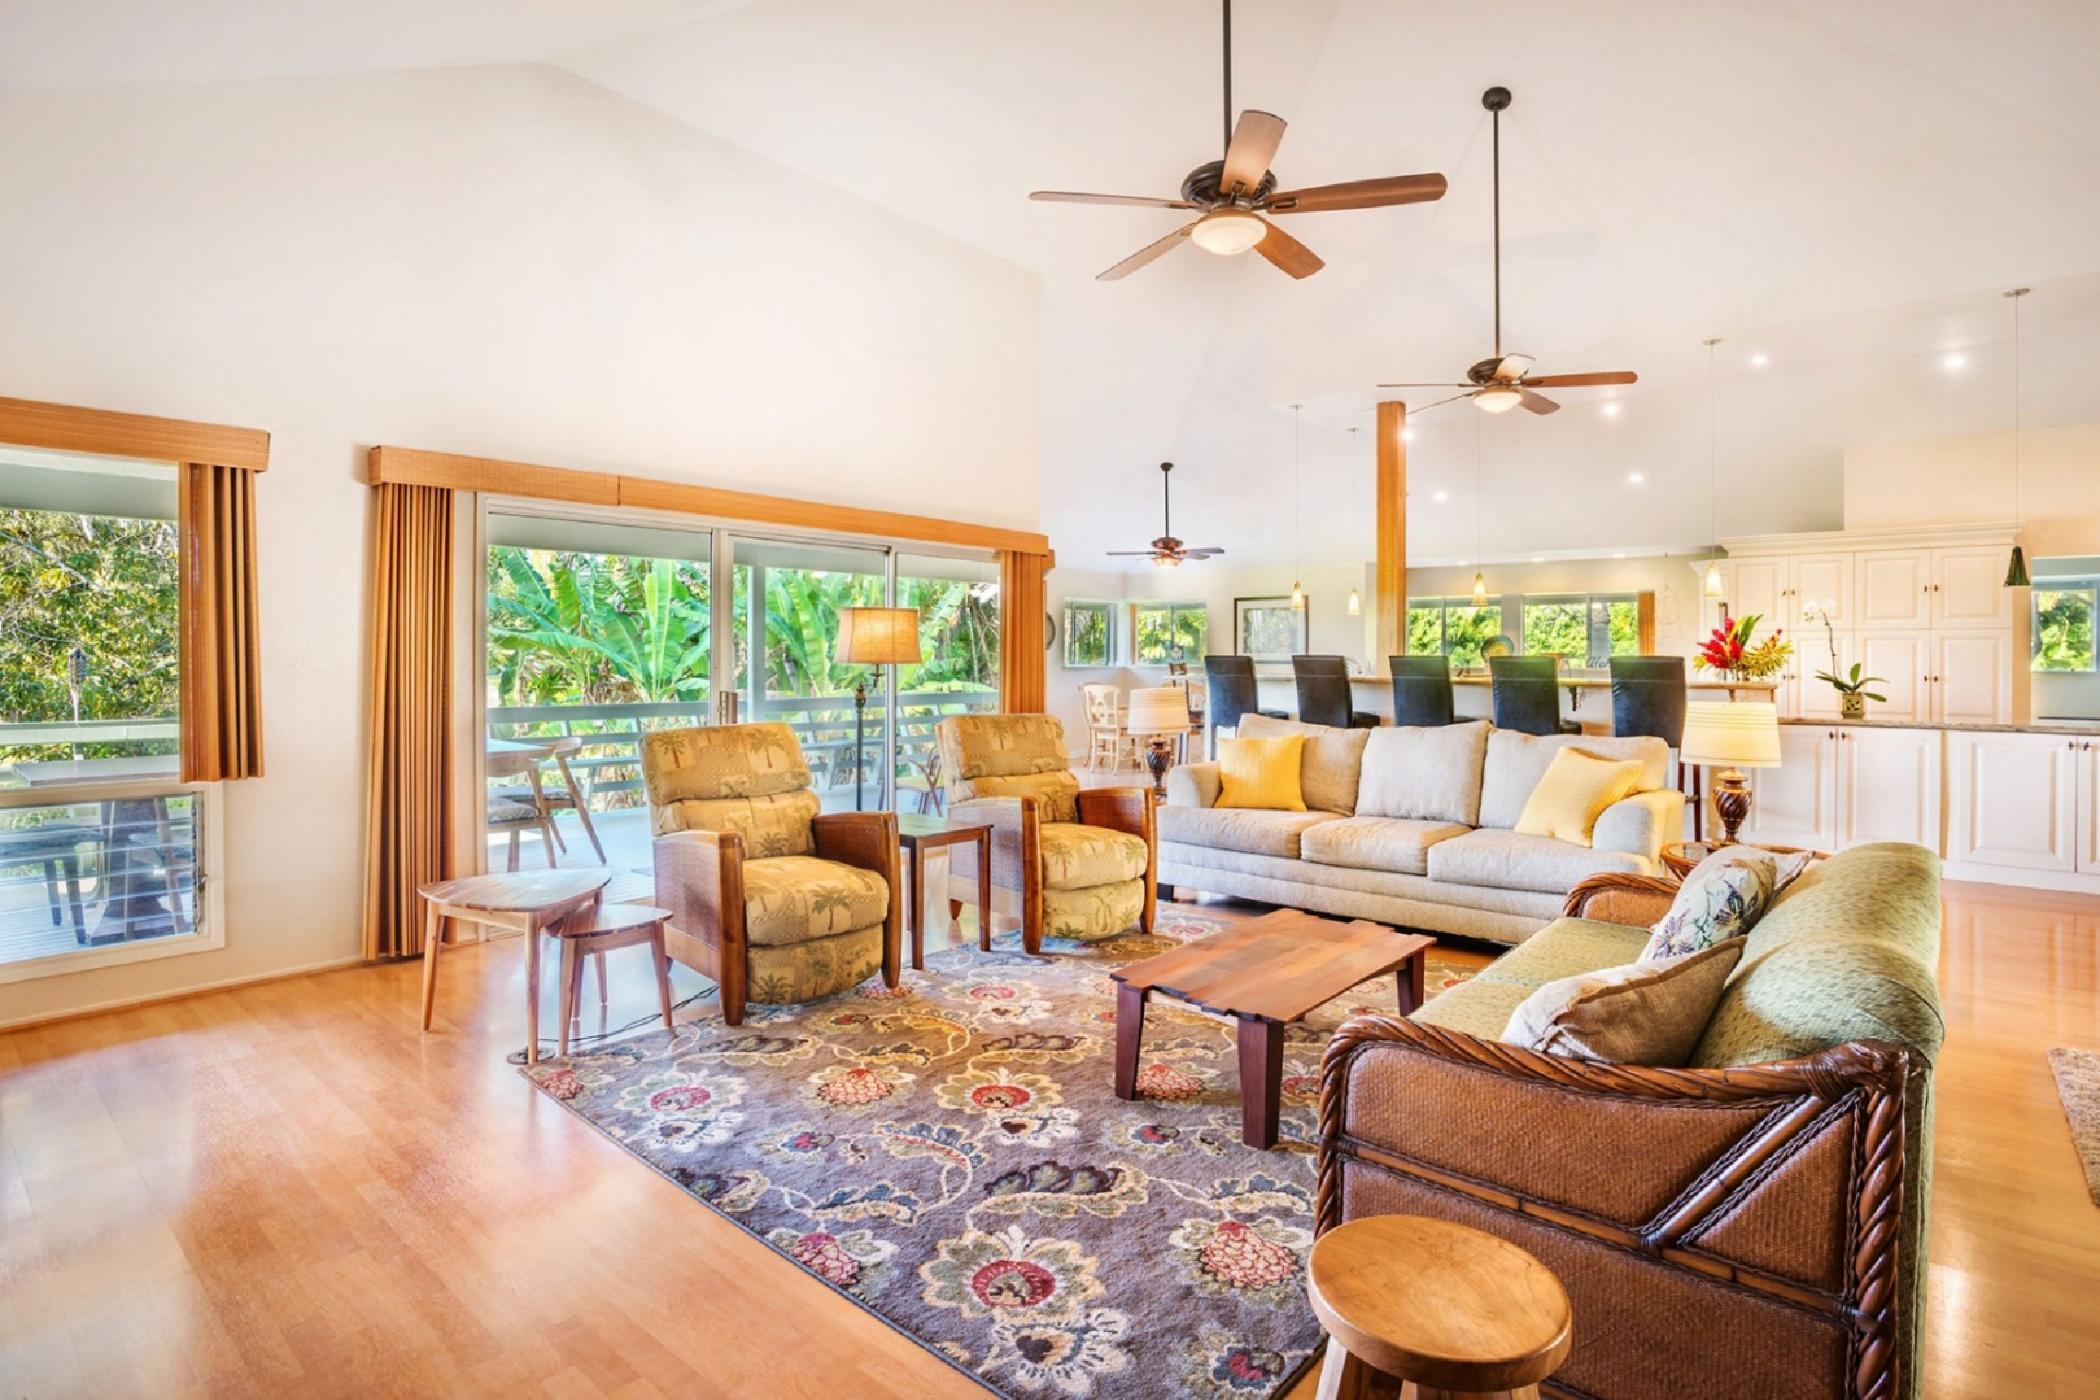 kaw-living-room.jpeg